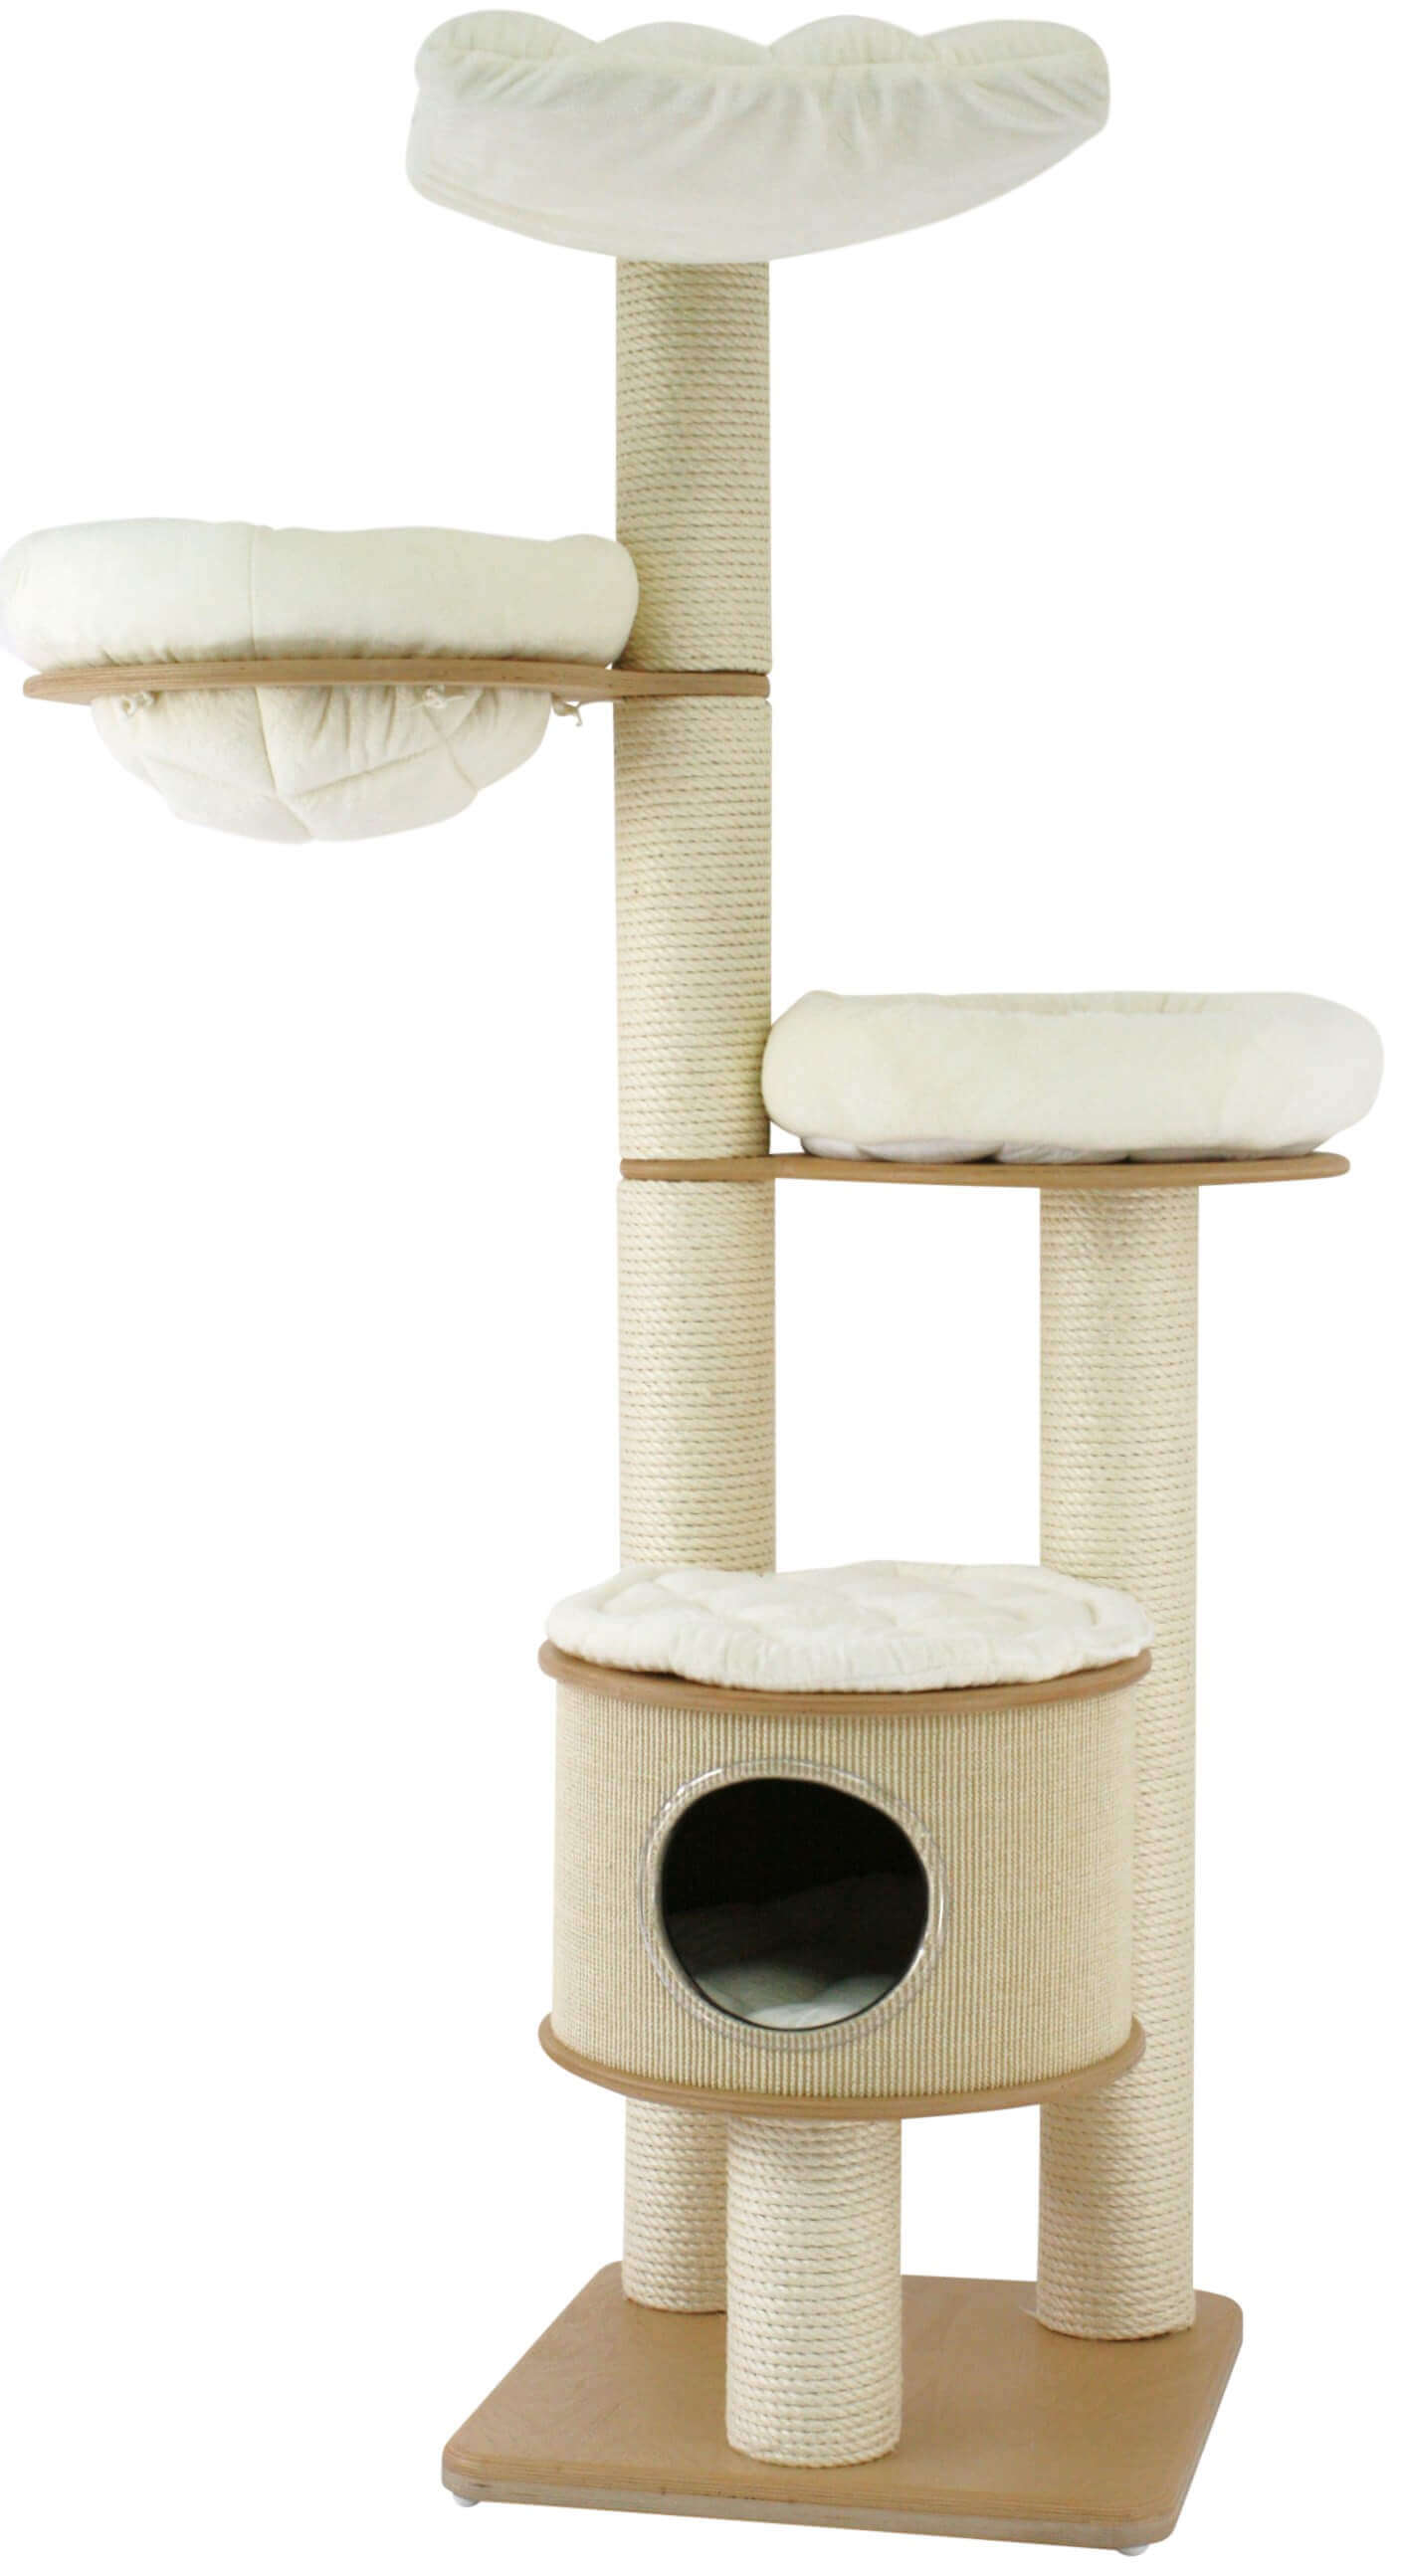 kratzbaum sankt gallen 190 cmkratzbaum geeignet für große katzen ho